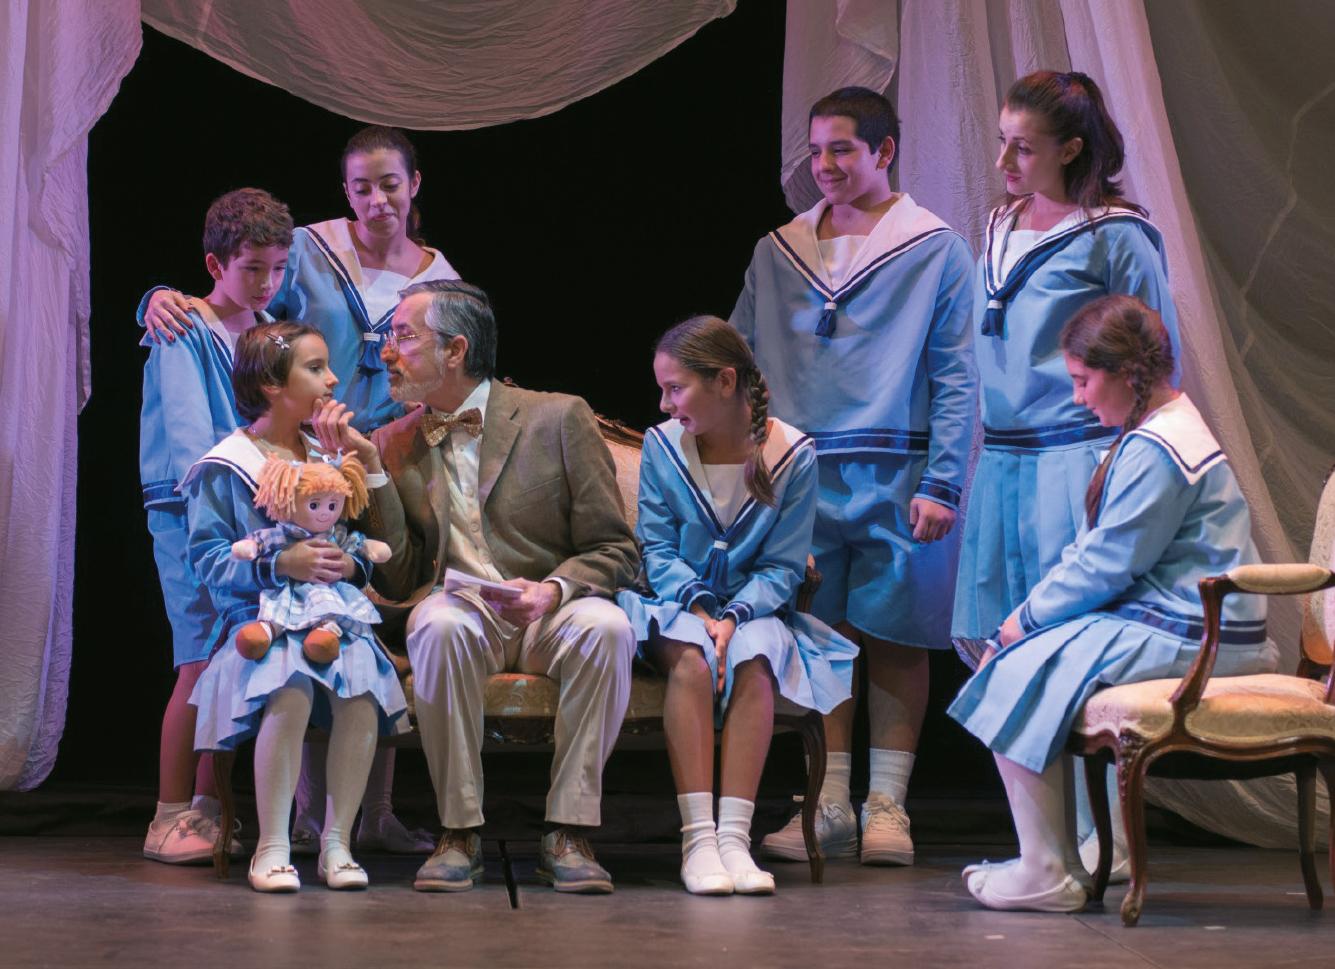 Tutti insieme appassionatamente - Teatro Duse